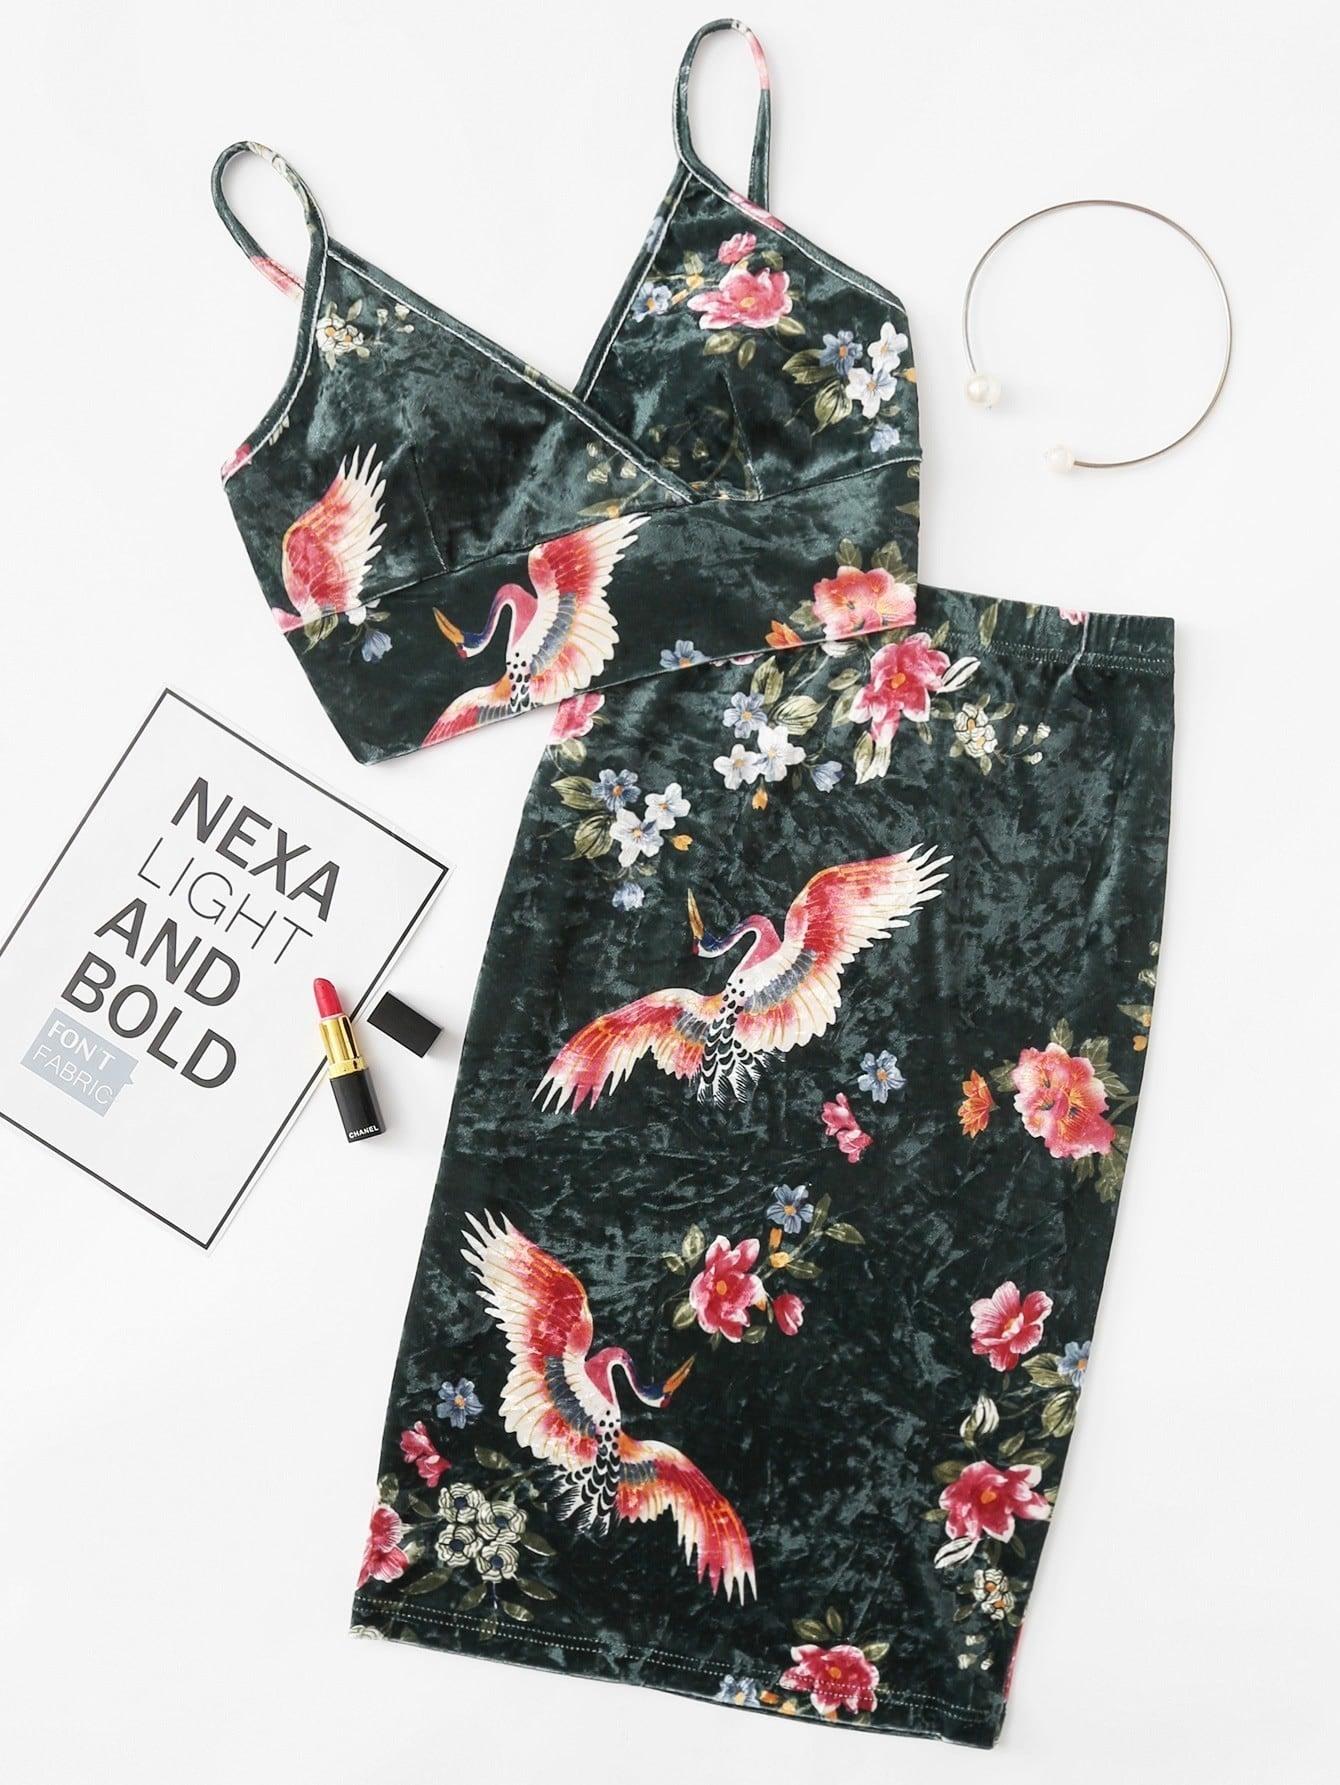 Floral Velvet Bralette Top & Pencil Skirt Co-Ord floral pencil midi skirt